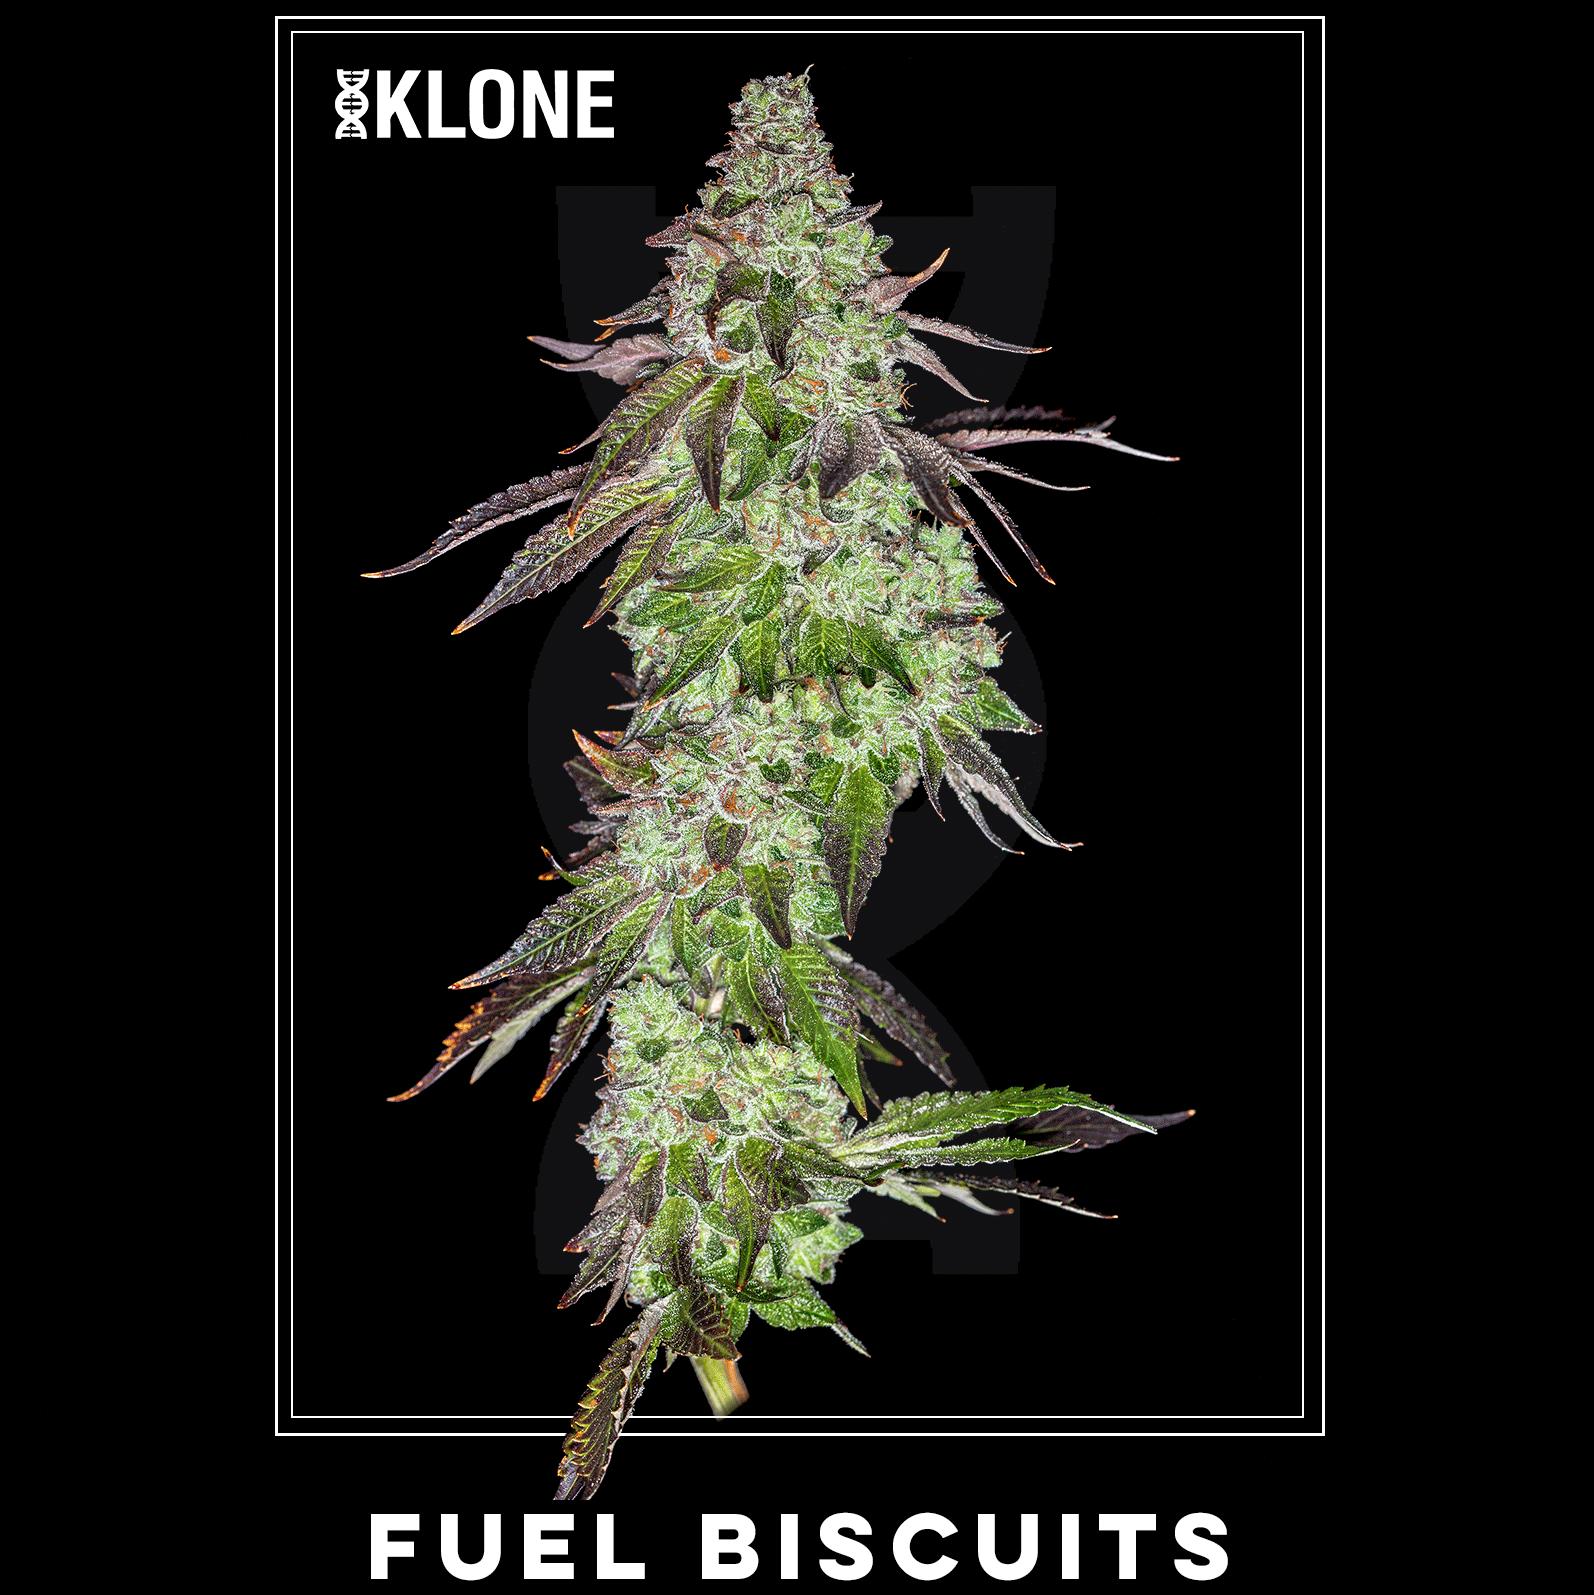 Fuel Biscuits